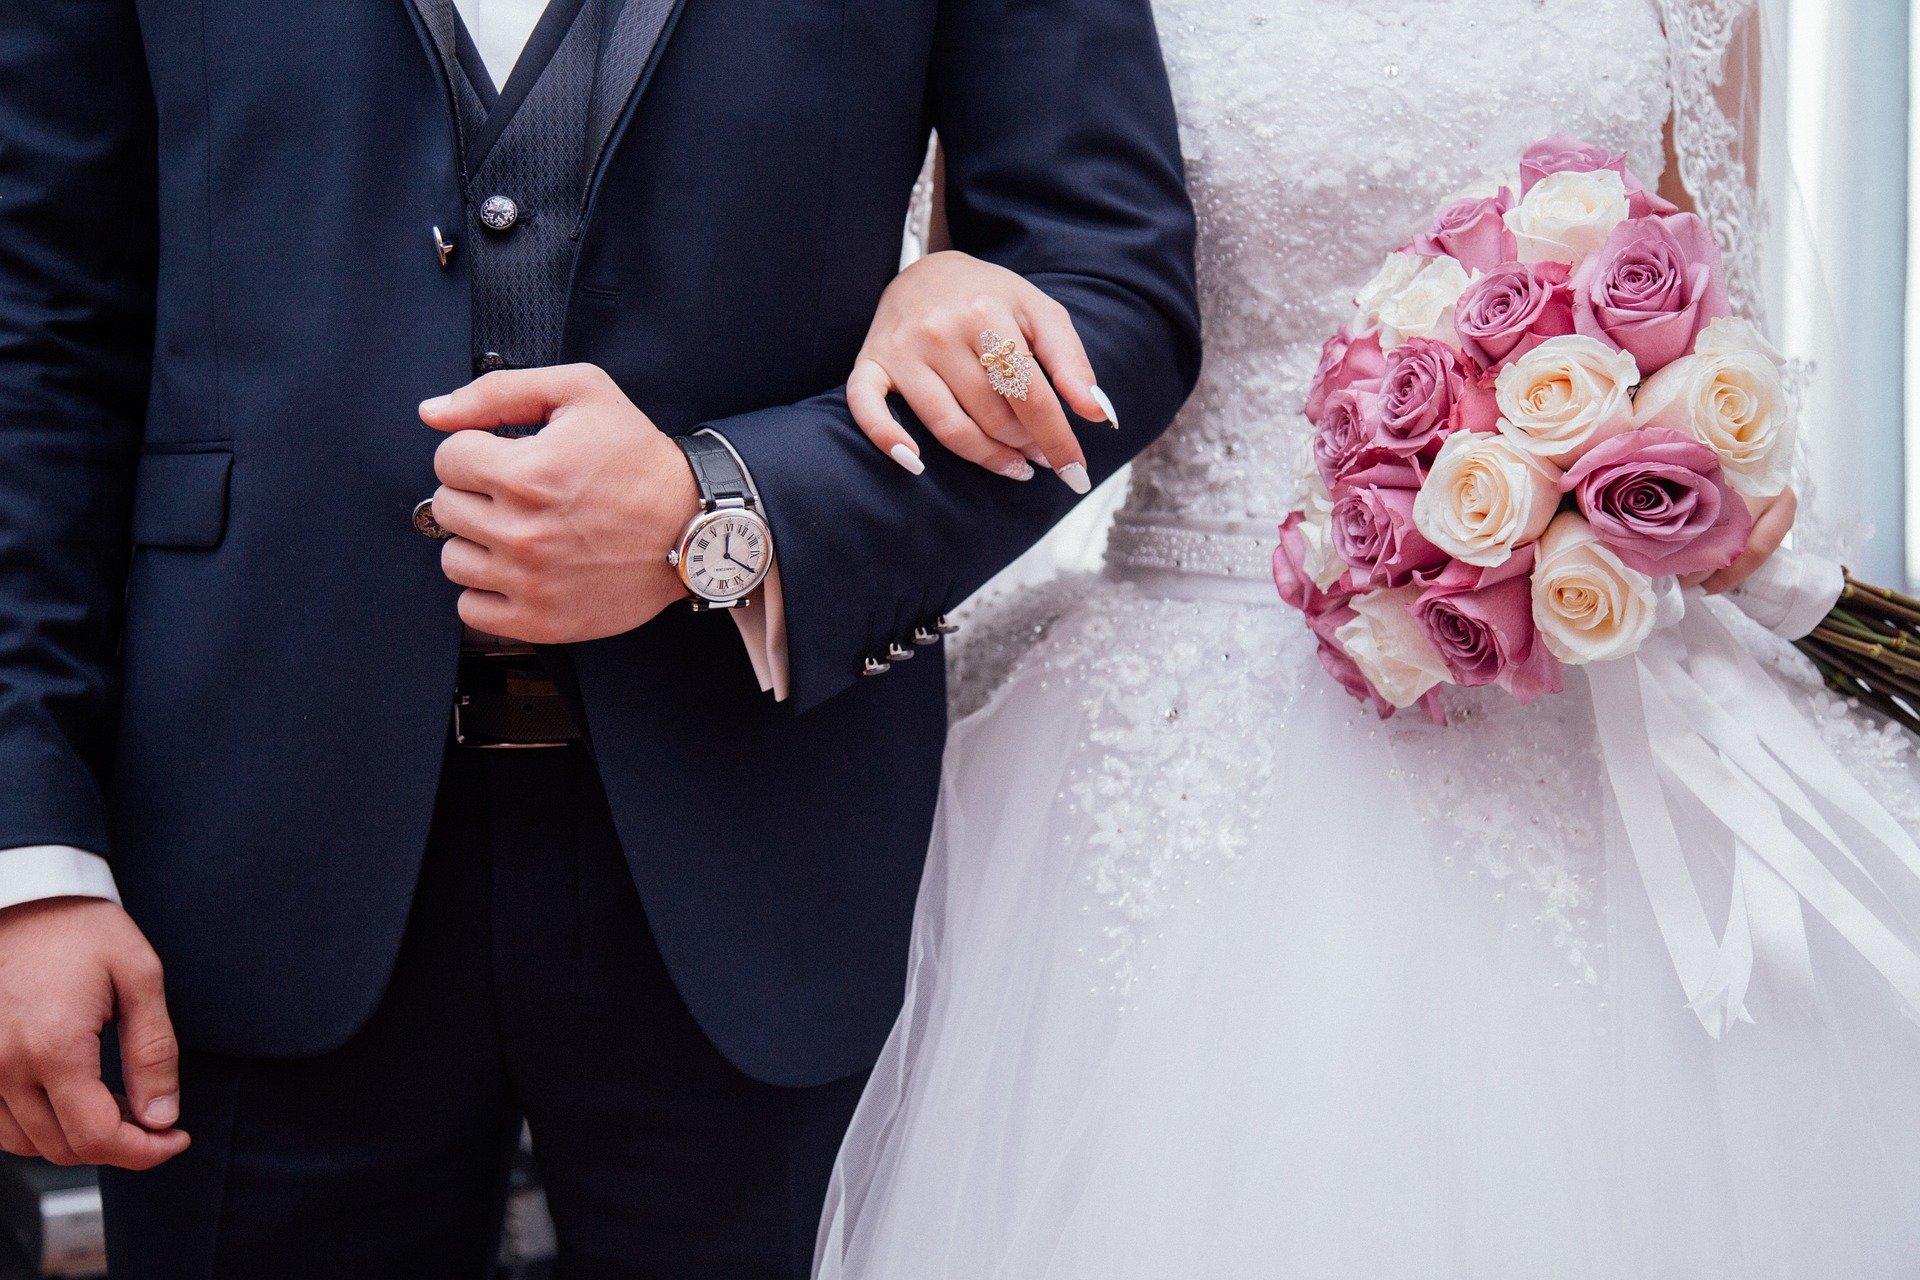 Coraz więcej rozwodów. Ile w Kolbuszowej? [część 2] - Zdjęcie główne